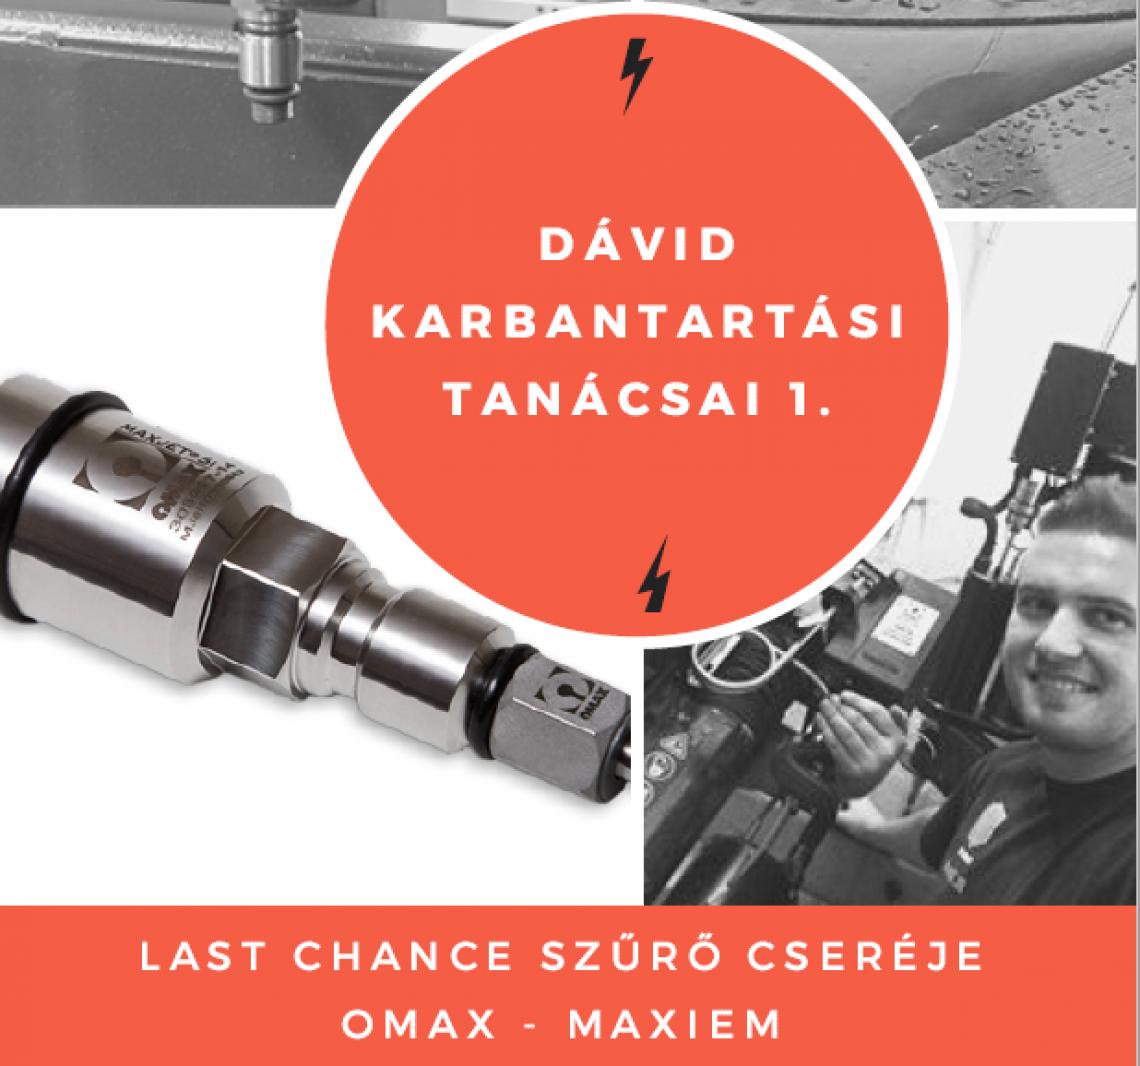 Dávid last chance borító